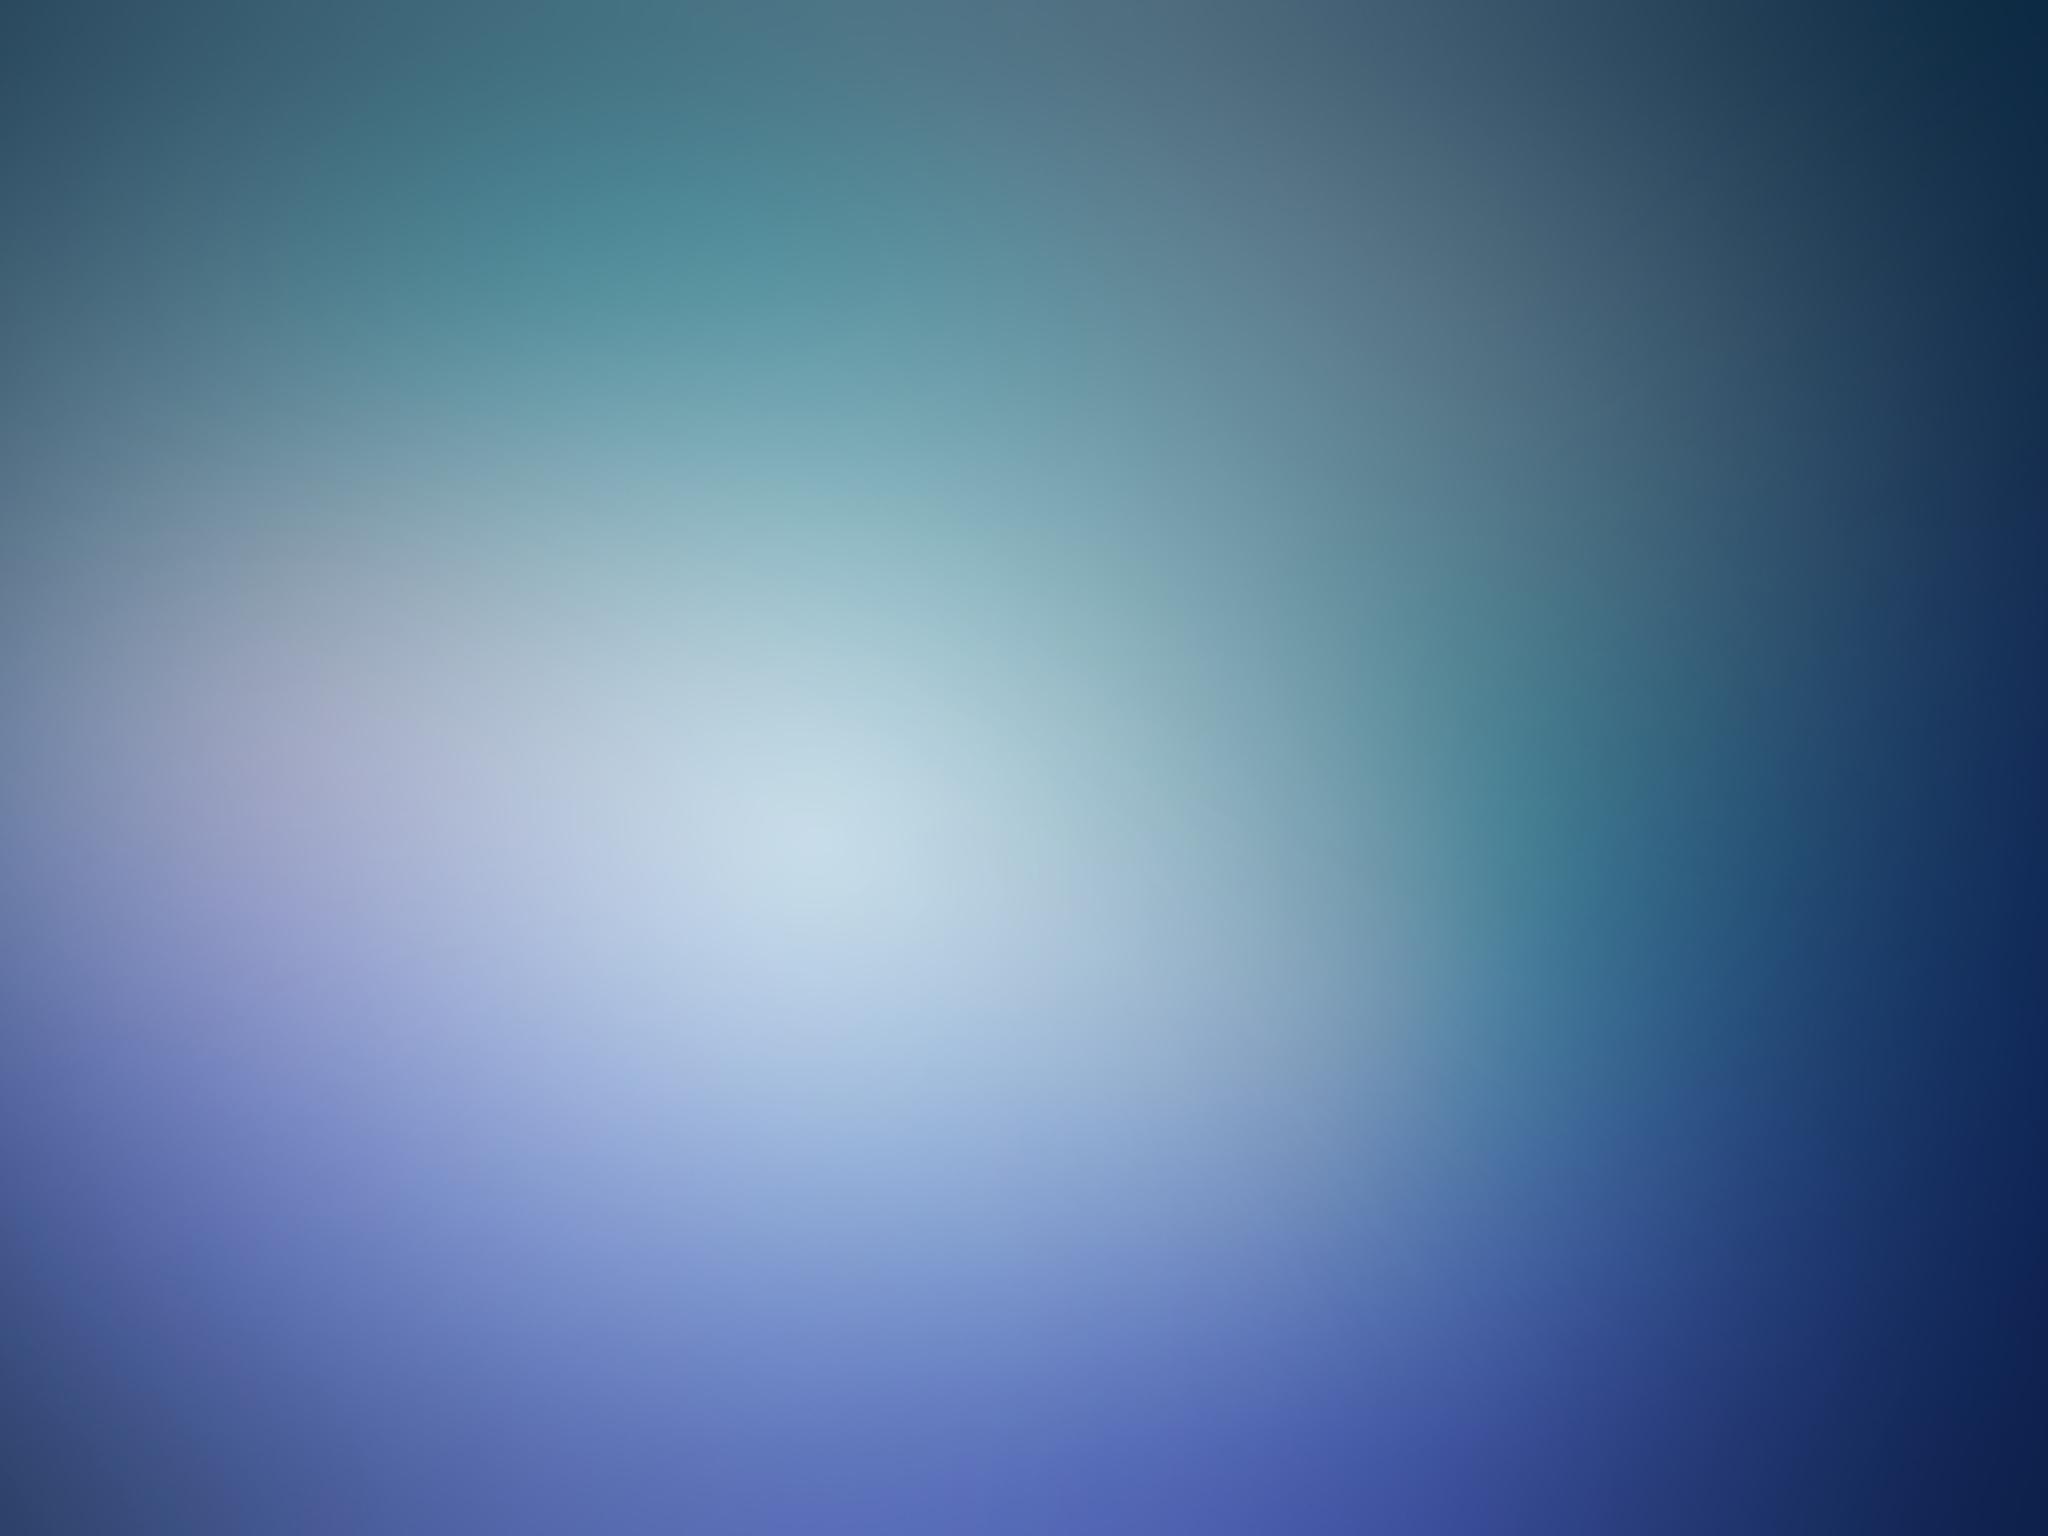 Blue minimalistic blurry gaussian blur (2048x1536)